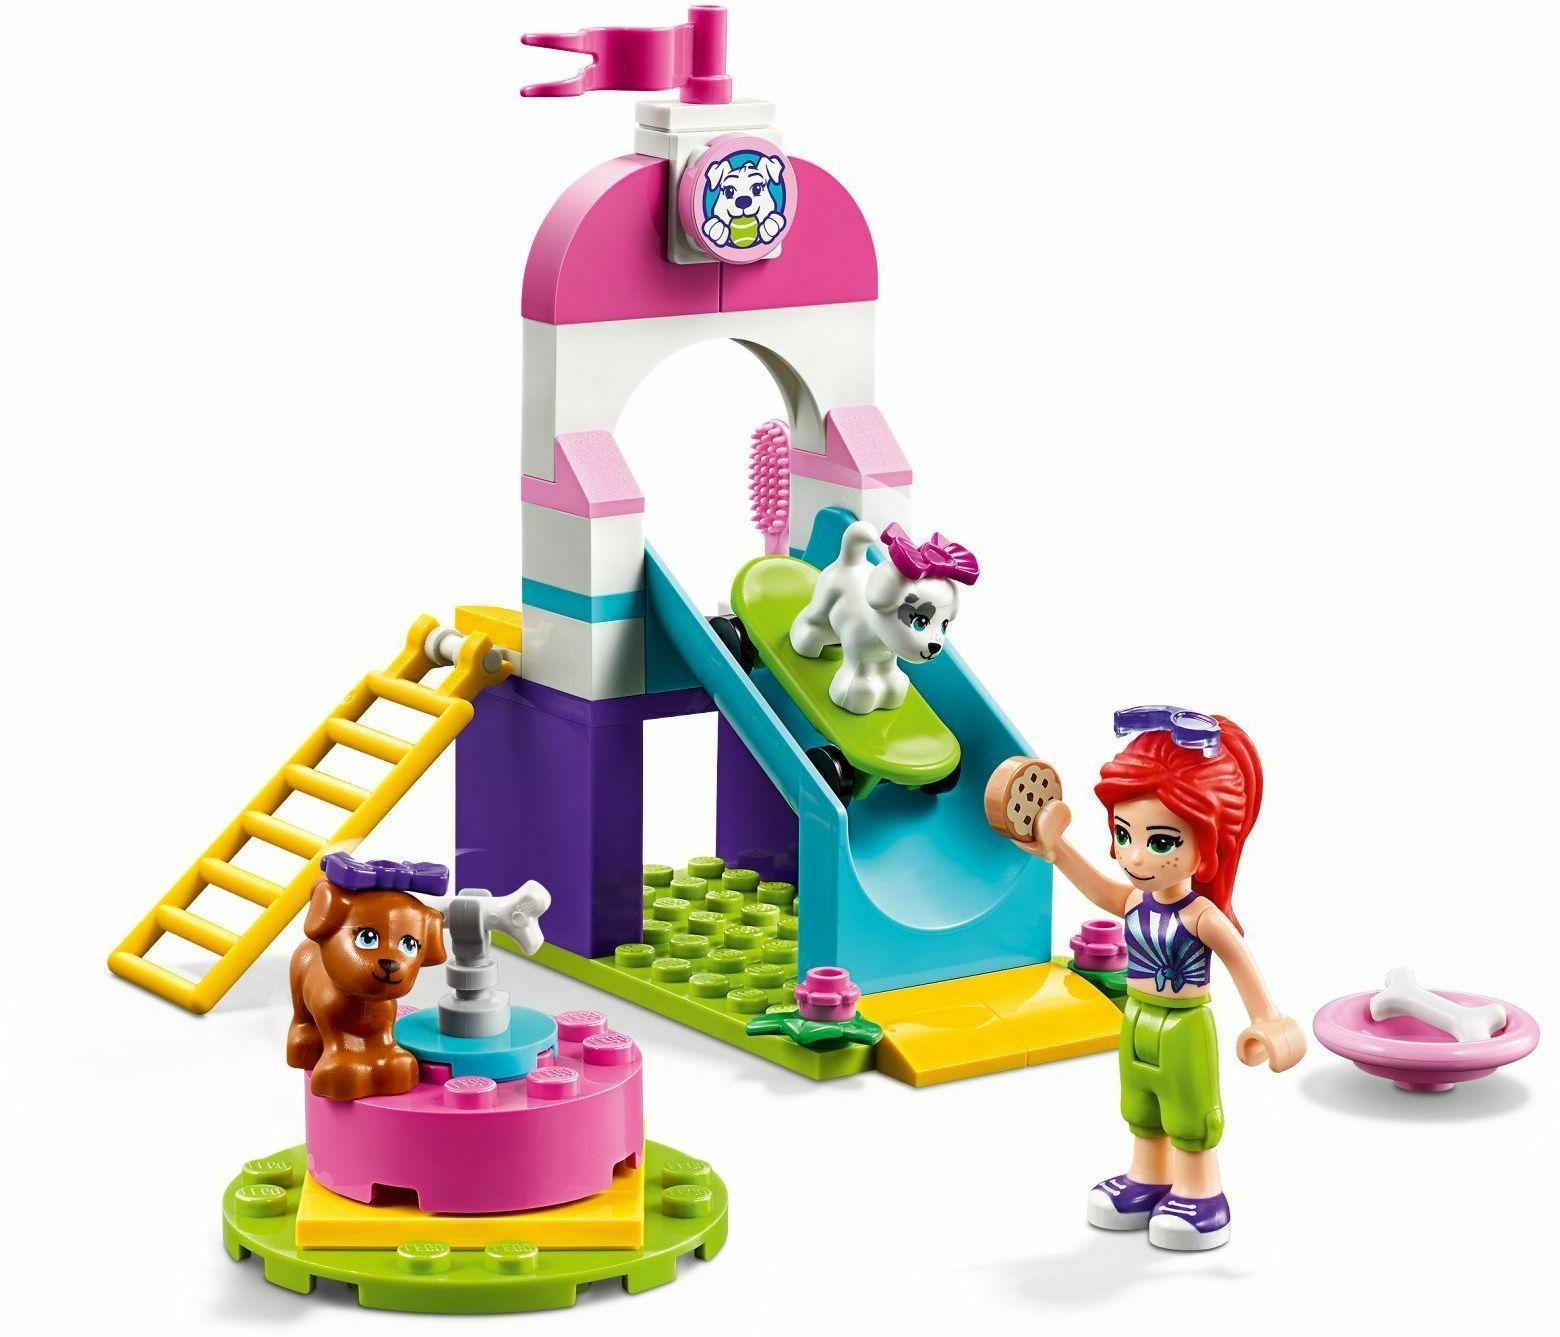 Lego Puppy Adventures Building